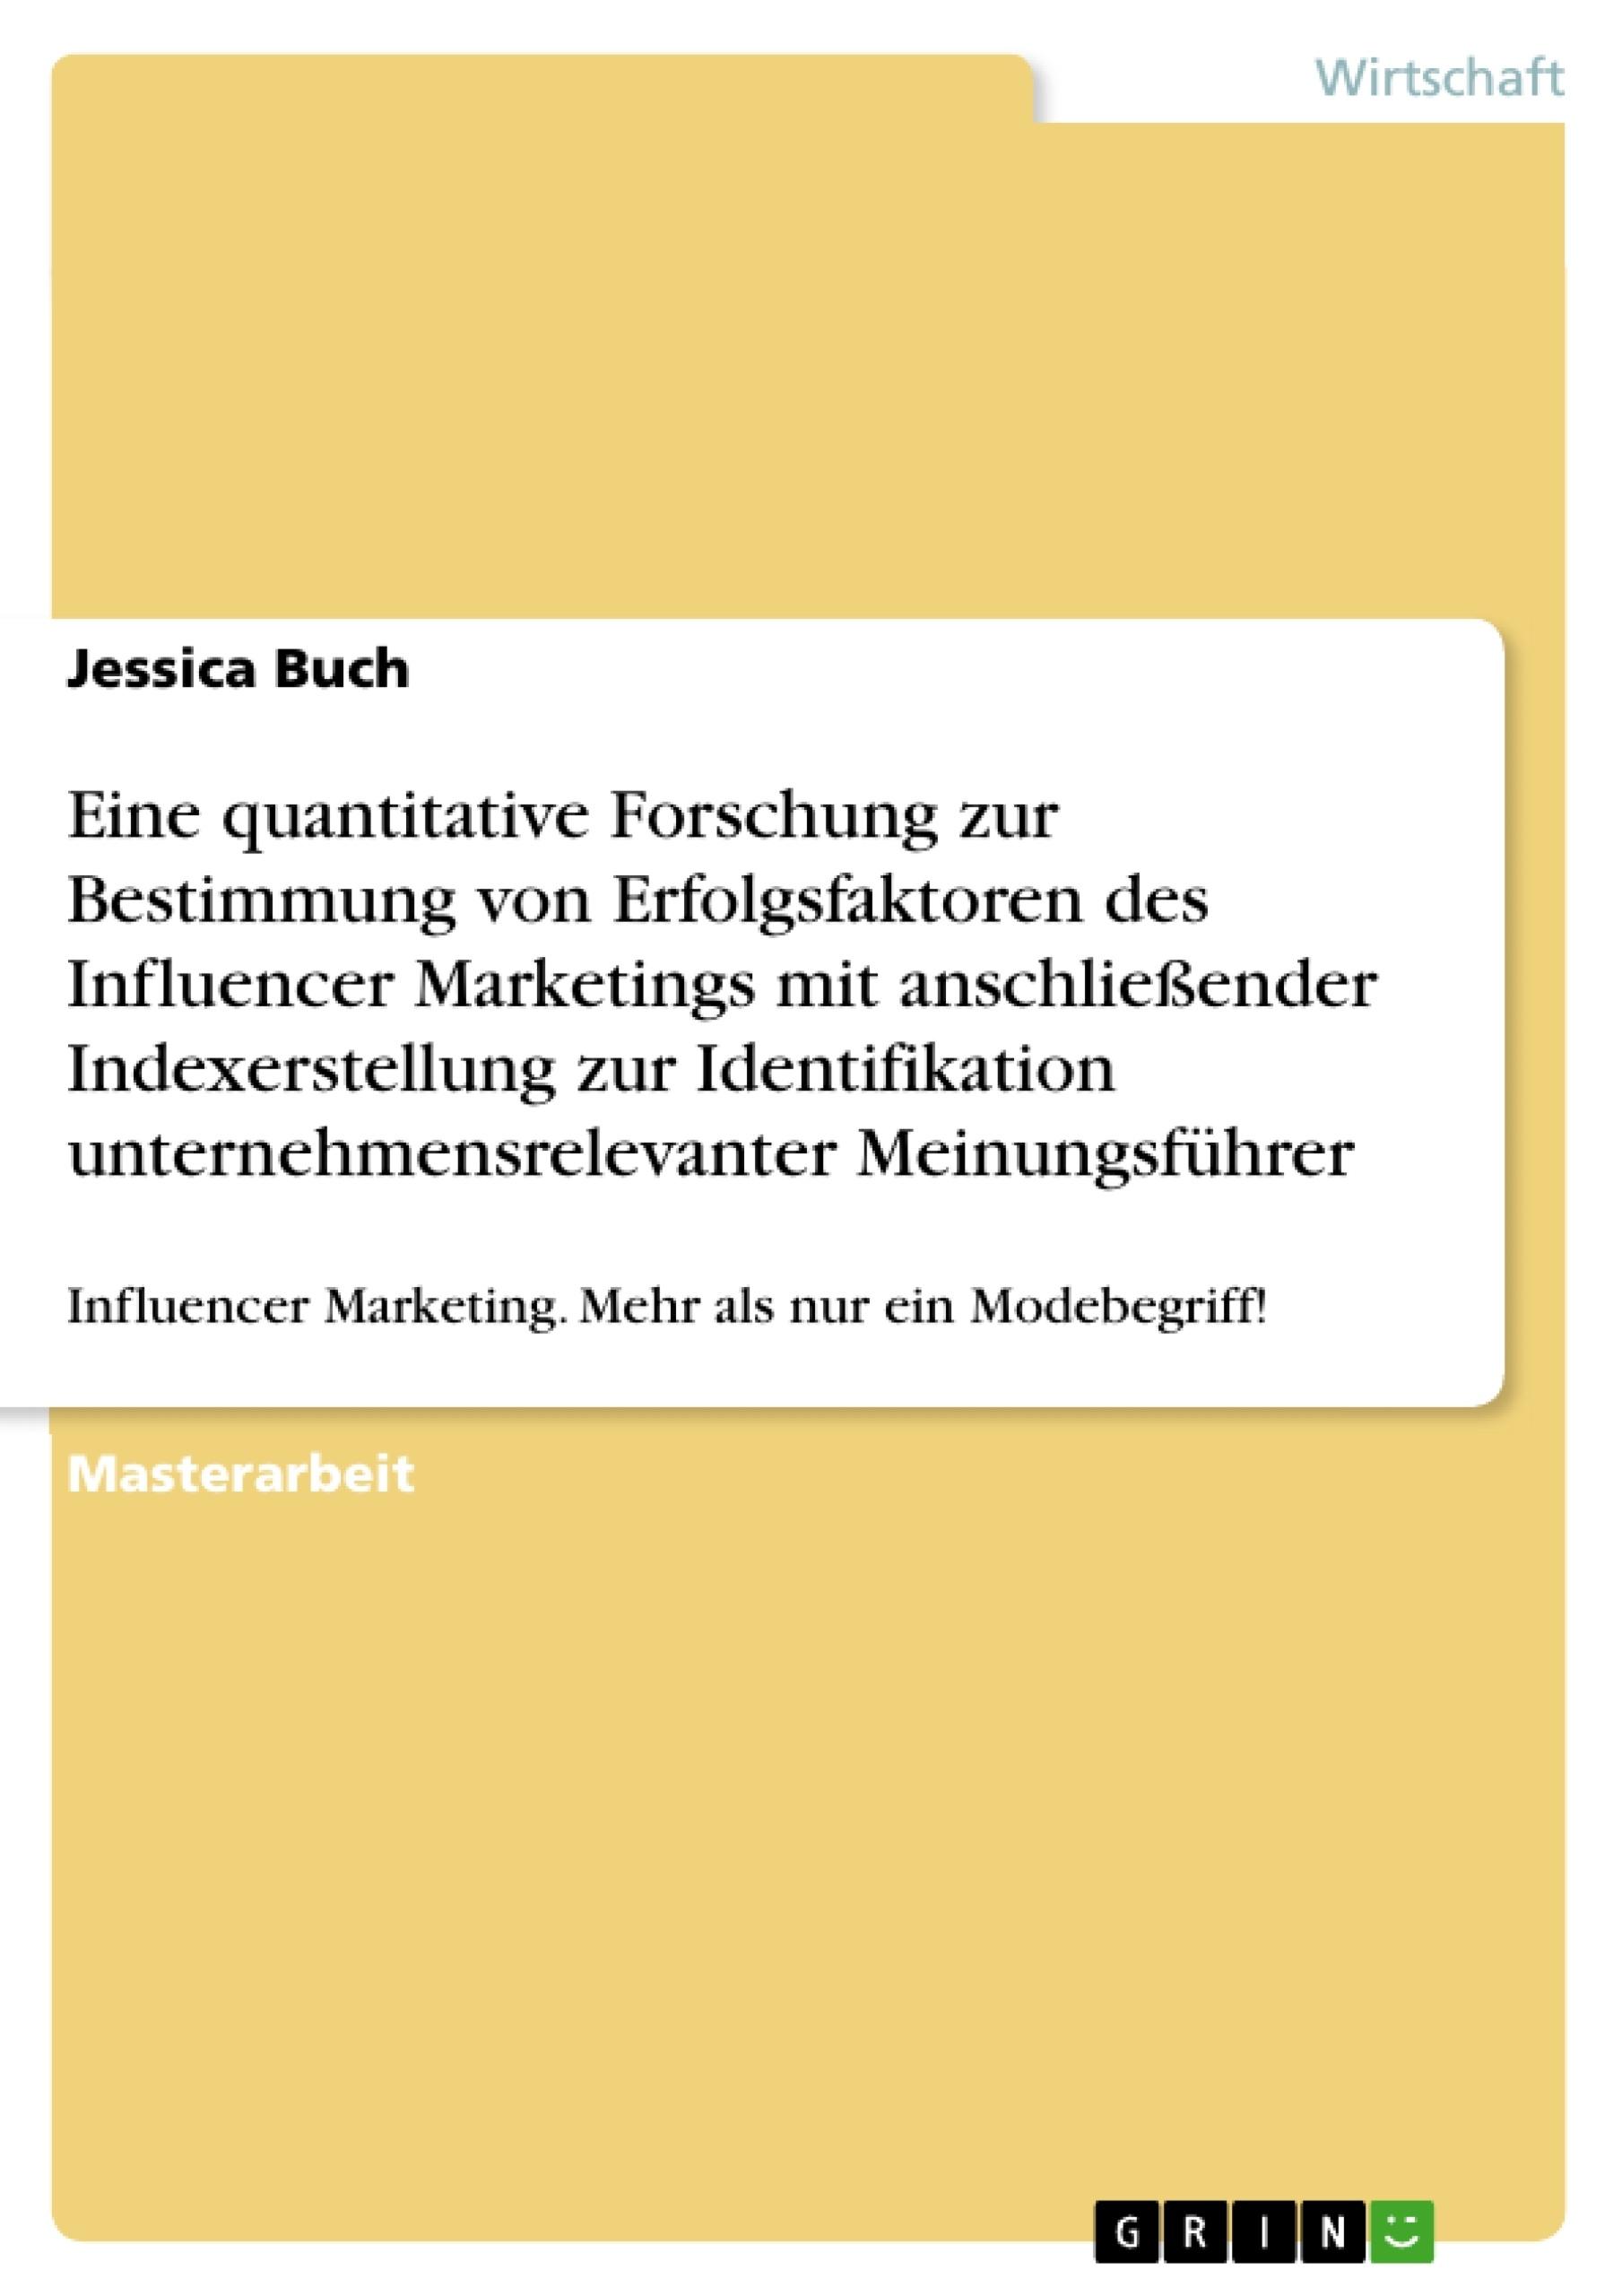 Titel: Eine quantitative Forschung zur Bestimmung von Erfolgsfaktoren des Influencer Marketings mit anschließender Indexerstellung zur Identifikation unternehmensrelevanter Meinungsführer